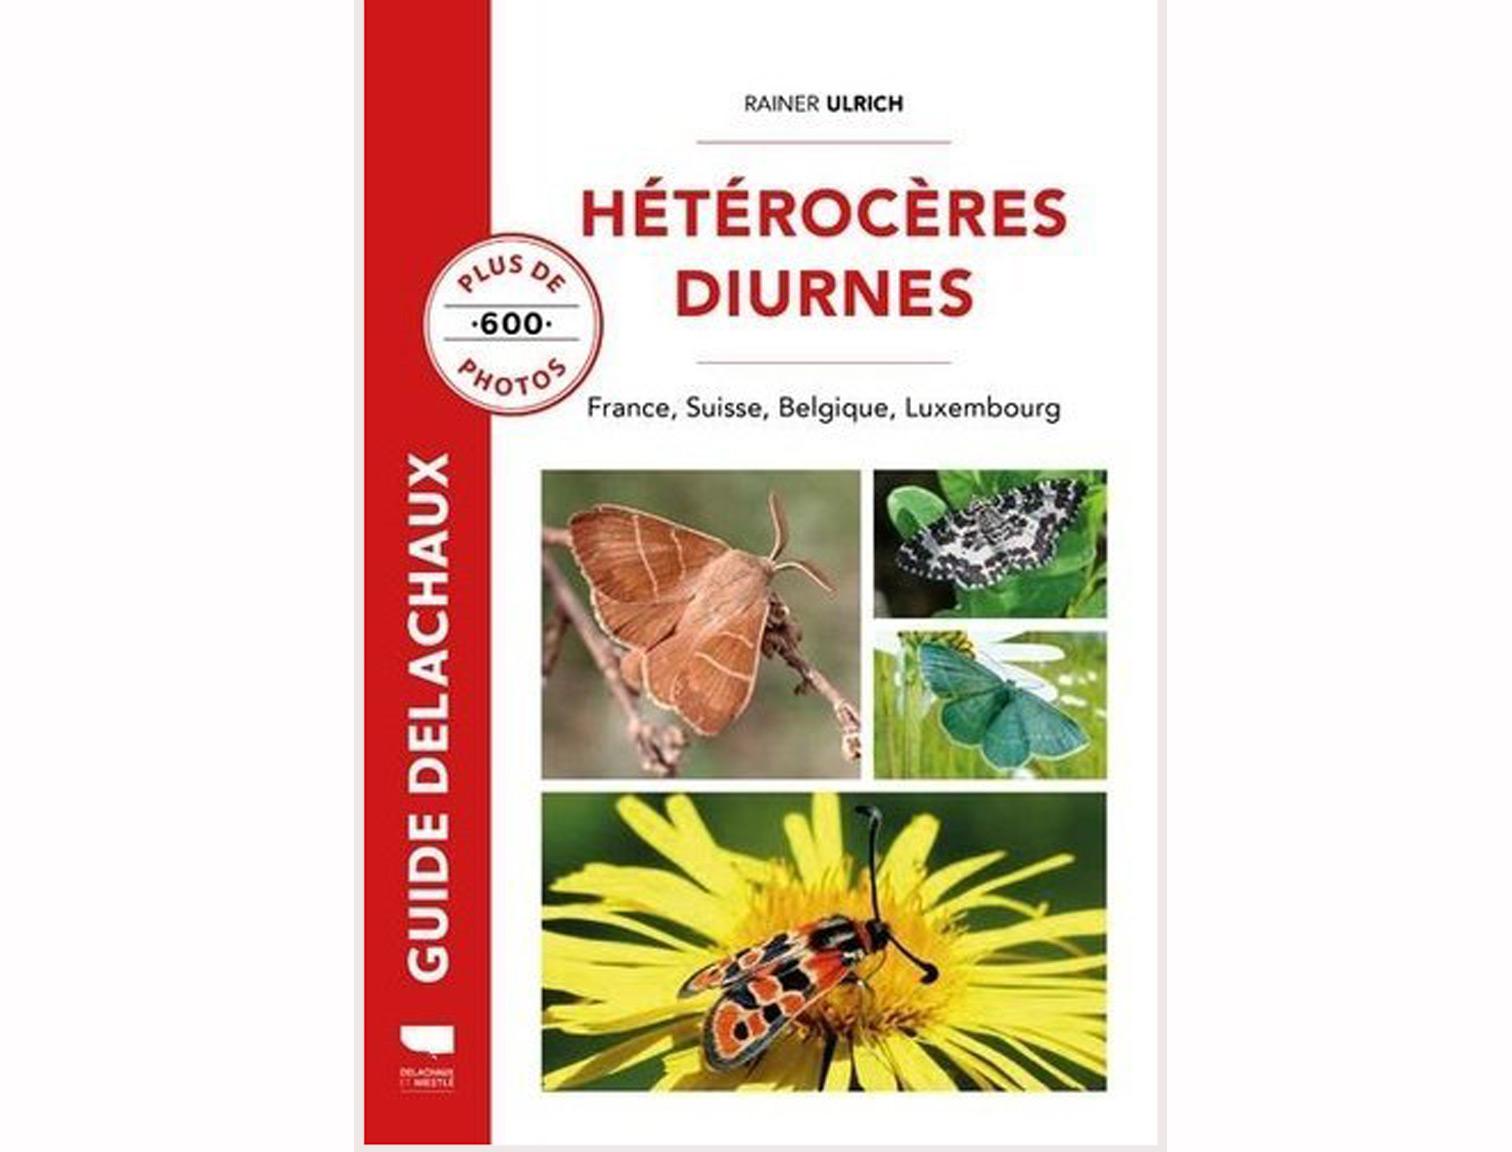 9782603026830-heteroceres-diurnes.-france-belgique-suisse-luxembourg